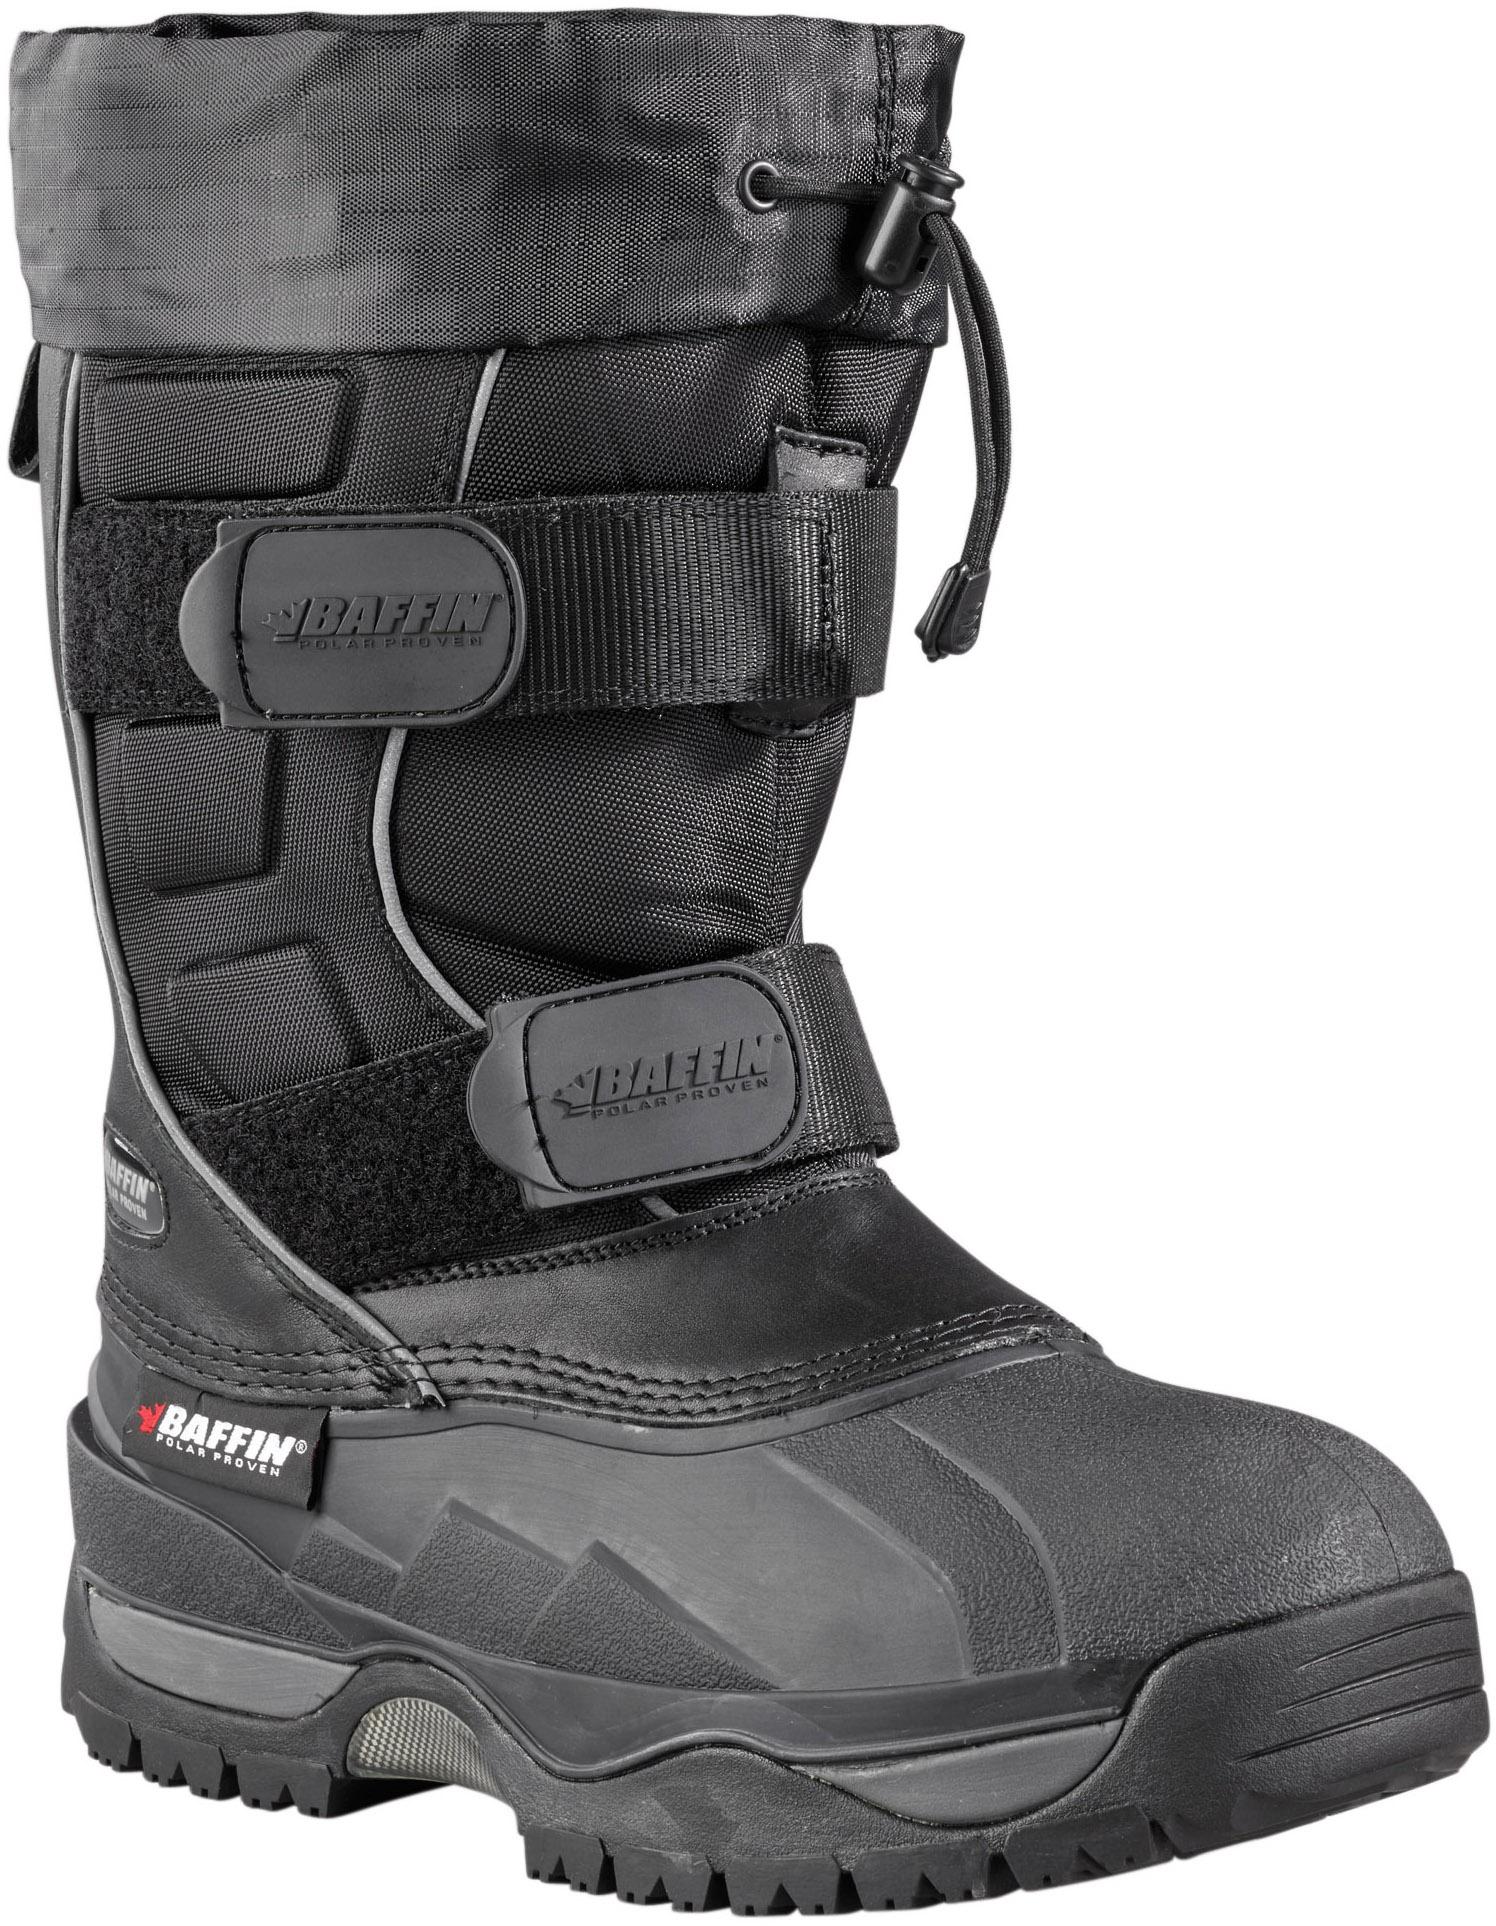 d2ce416e8 Baffin Eiger Winter Boots - Men's | MEC